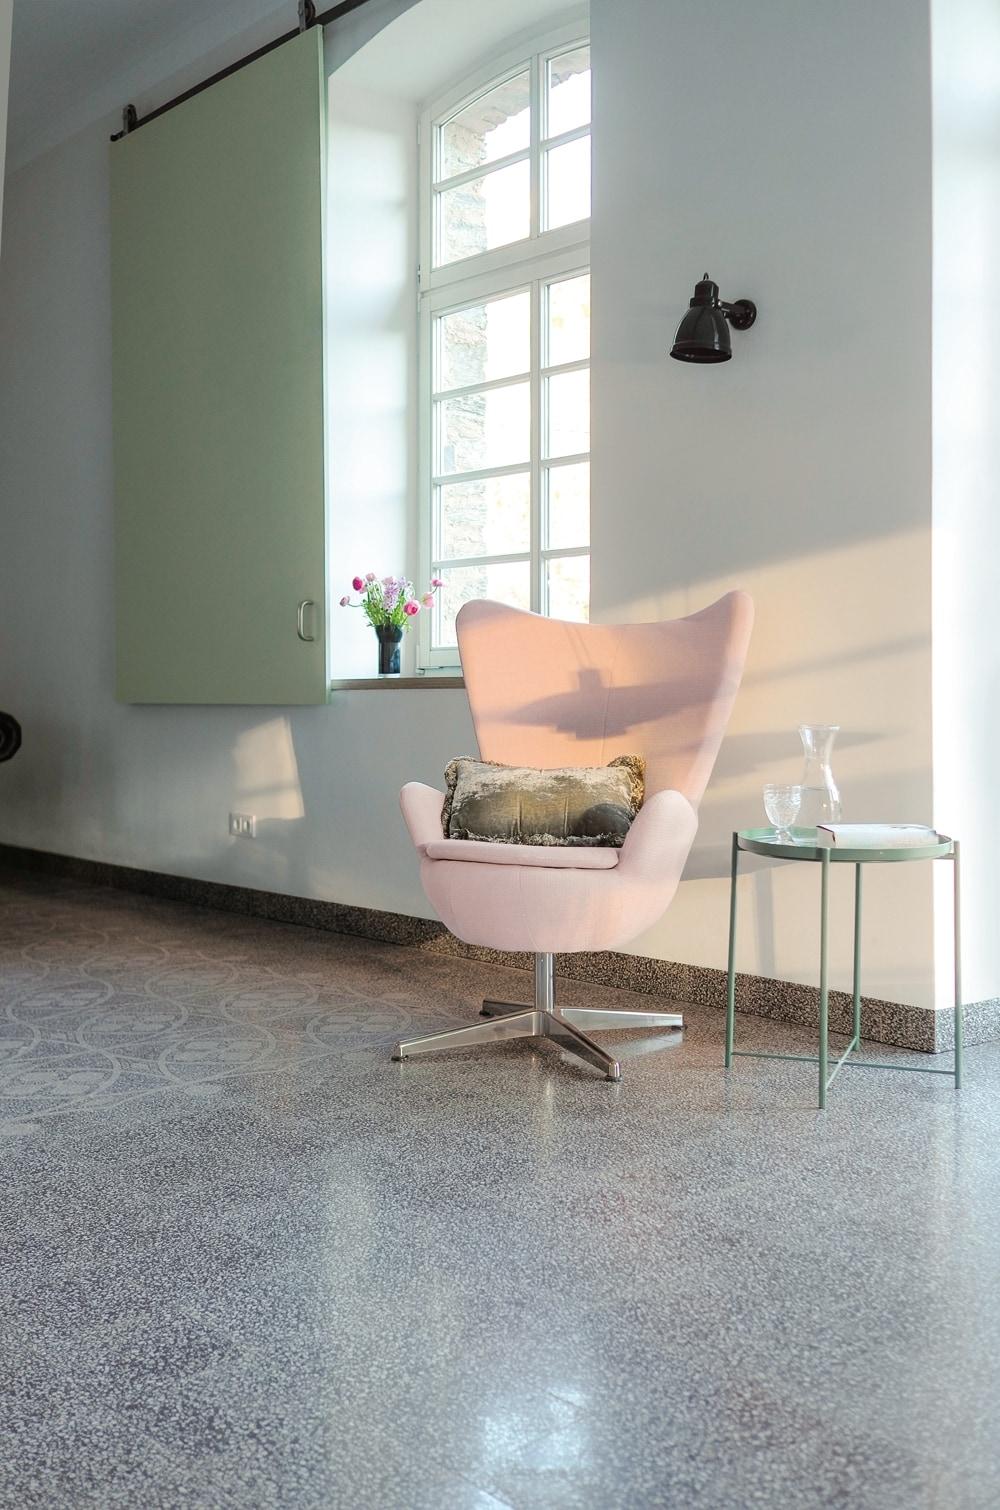 terrazzoplatten_nummer_910760-54-wohnzimmer-via-gmbh-05 | 910760-54